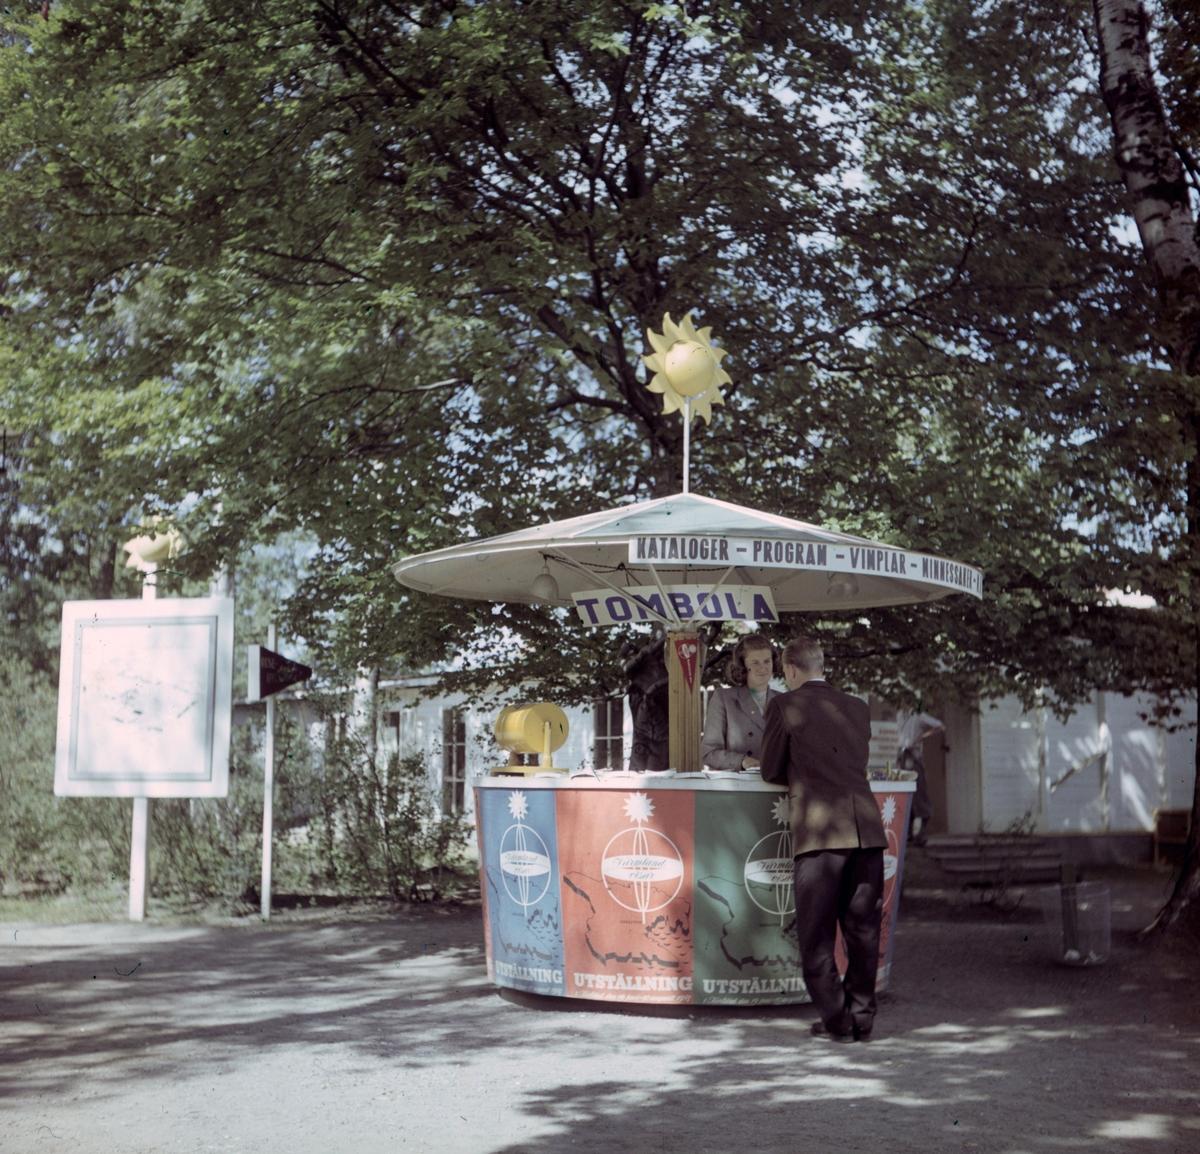 """Färgbild från Utställningen """"Värmland Visar"""" år 1947 i Stadsträdgården, Vänershov. Utställningen invigdes den 19 juni."""